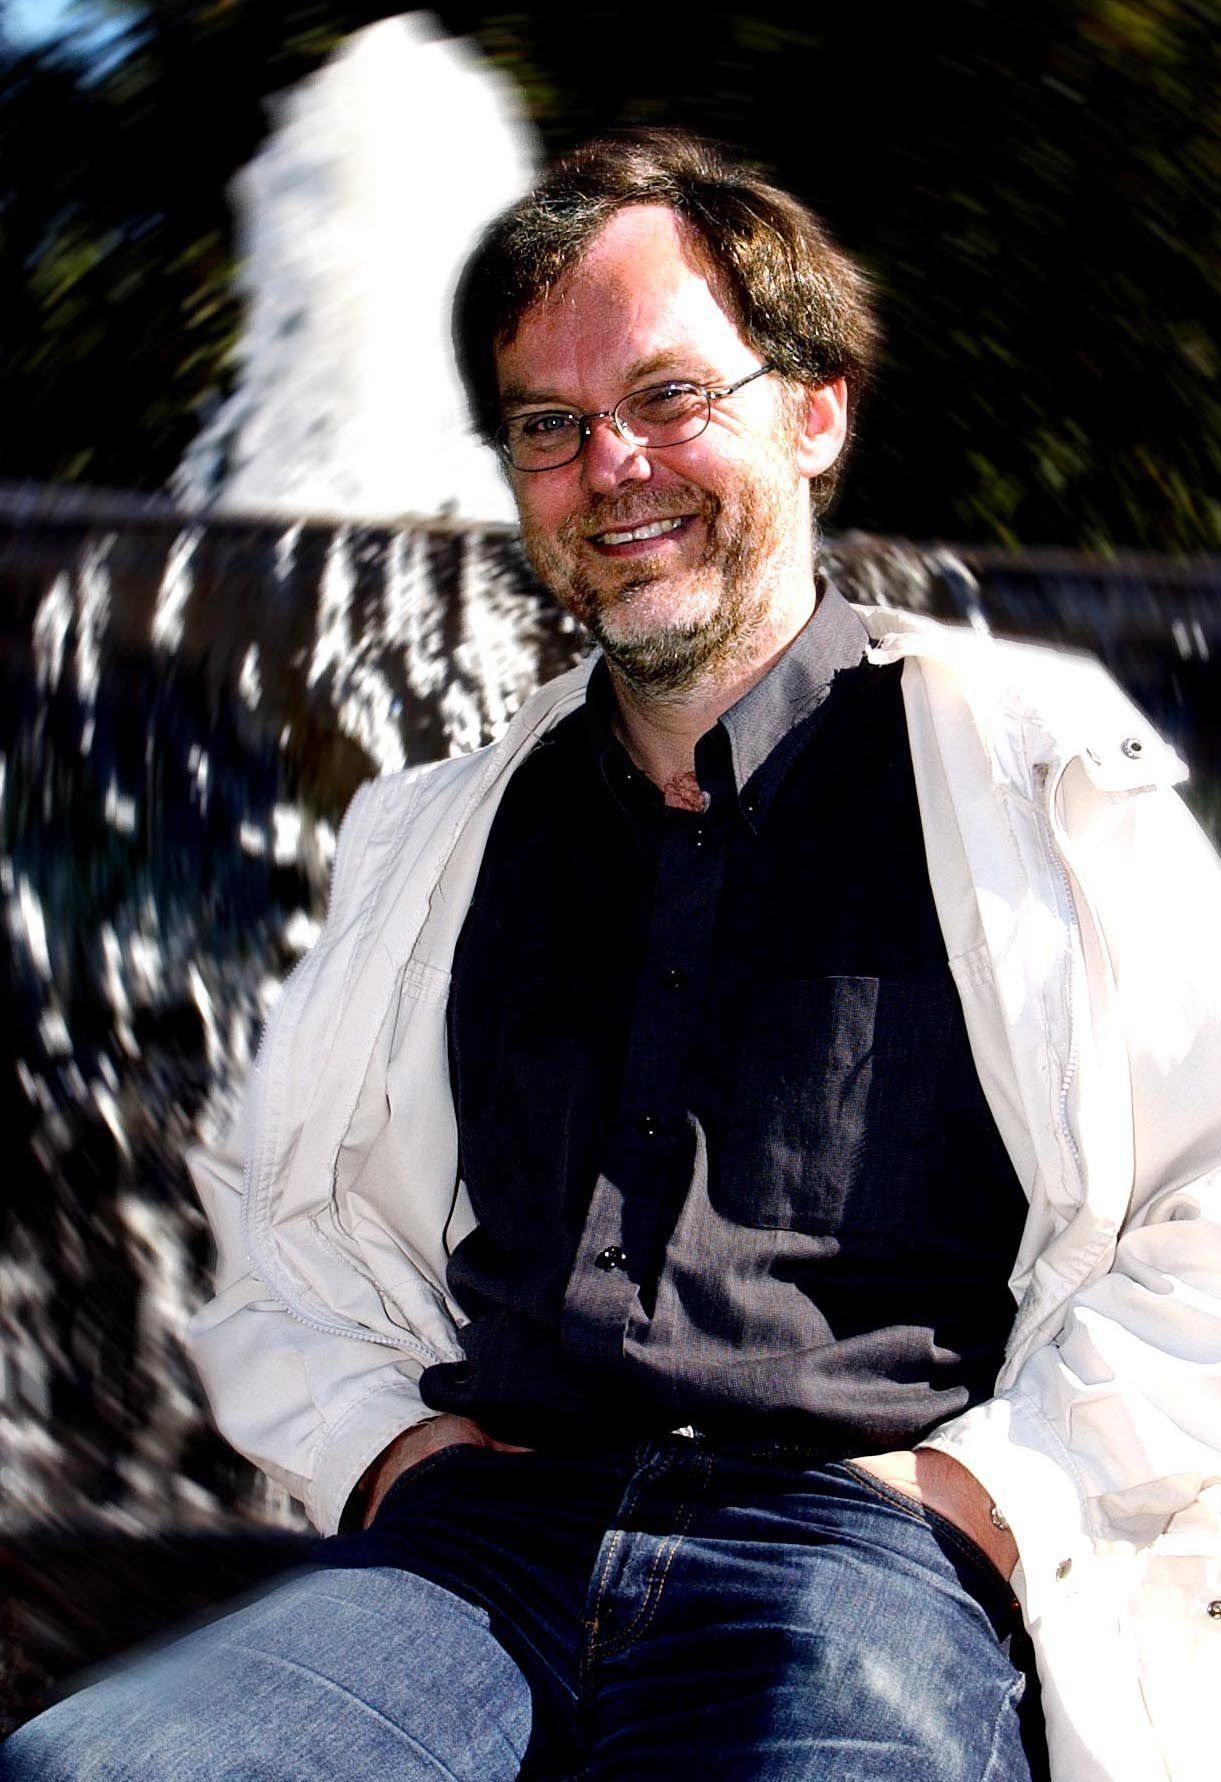 KVEN STÅR BAK? Professor Øystein Sørensen har skrive bok om små og store konspirasjonsteoriar  det er nok å ta av. ARKIVFOTO: BJØRN THUNÆS